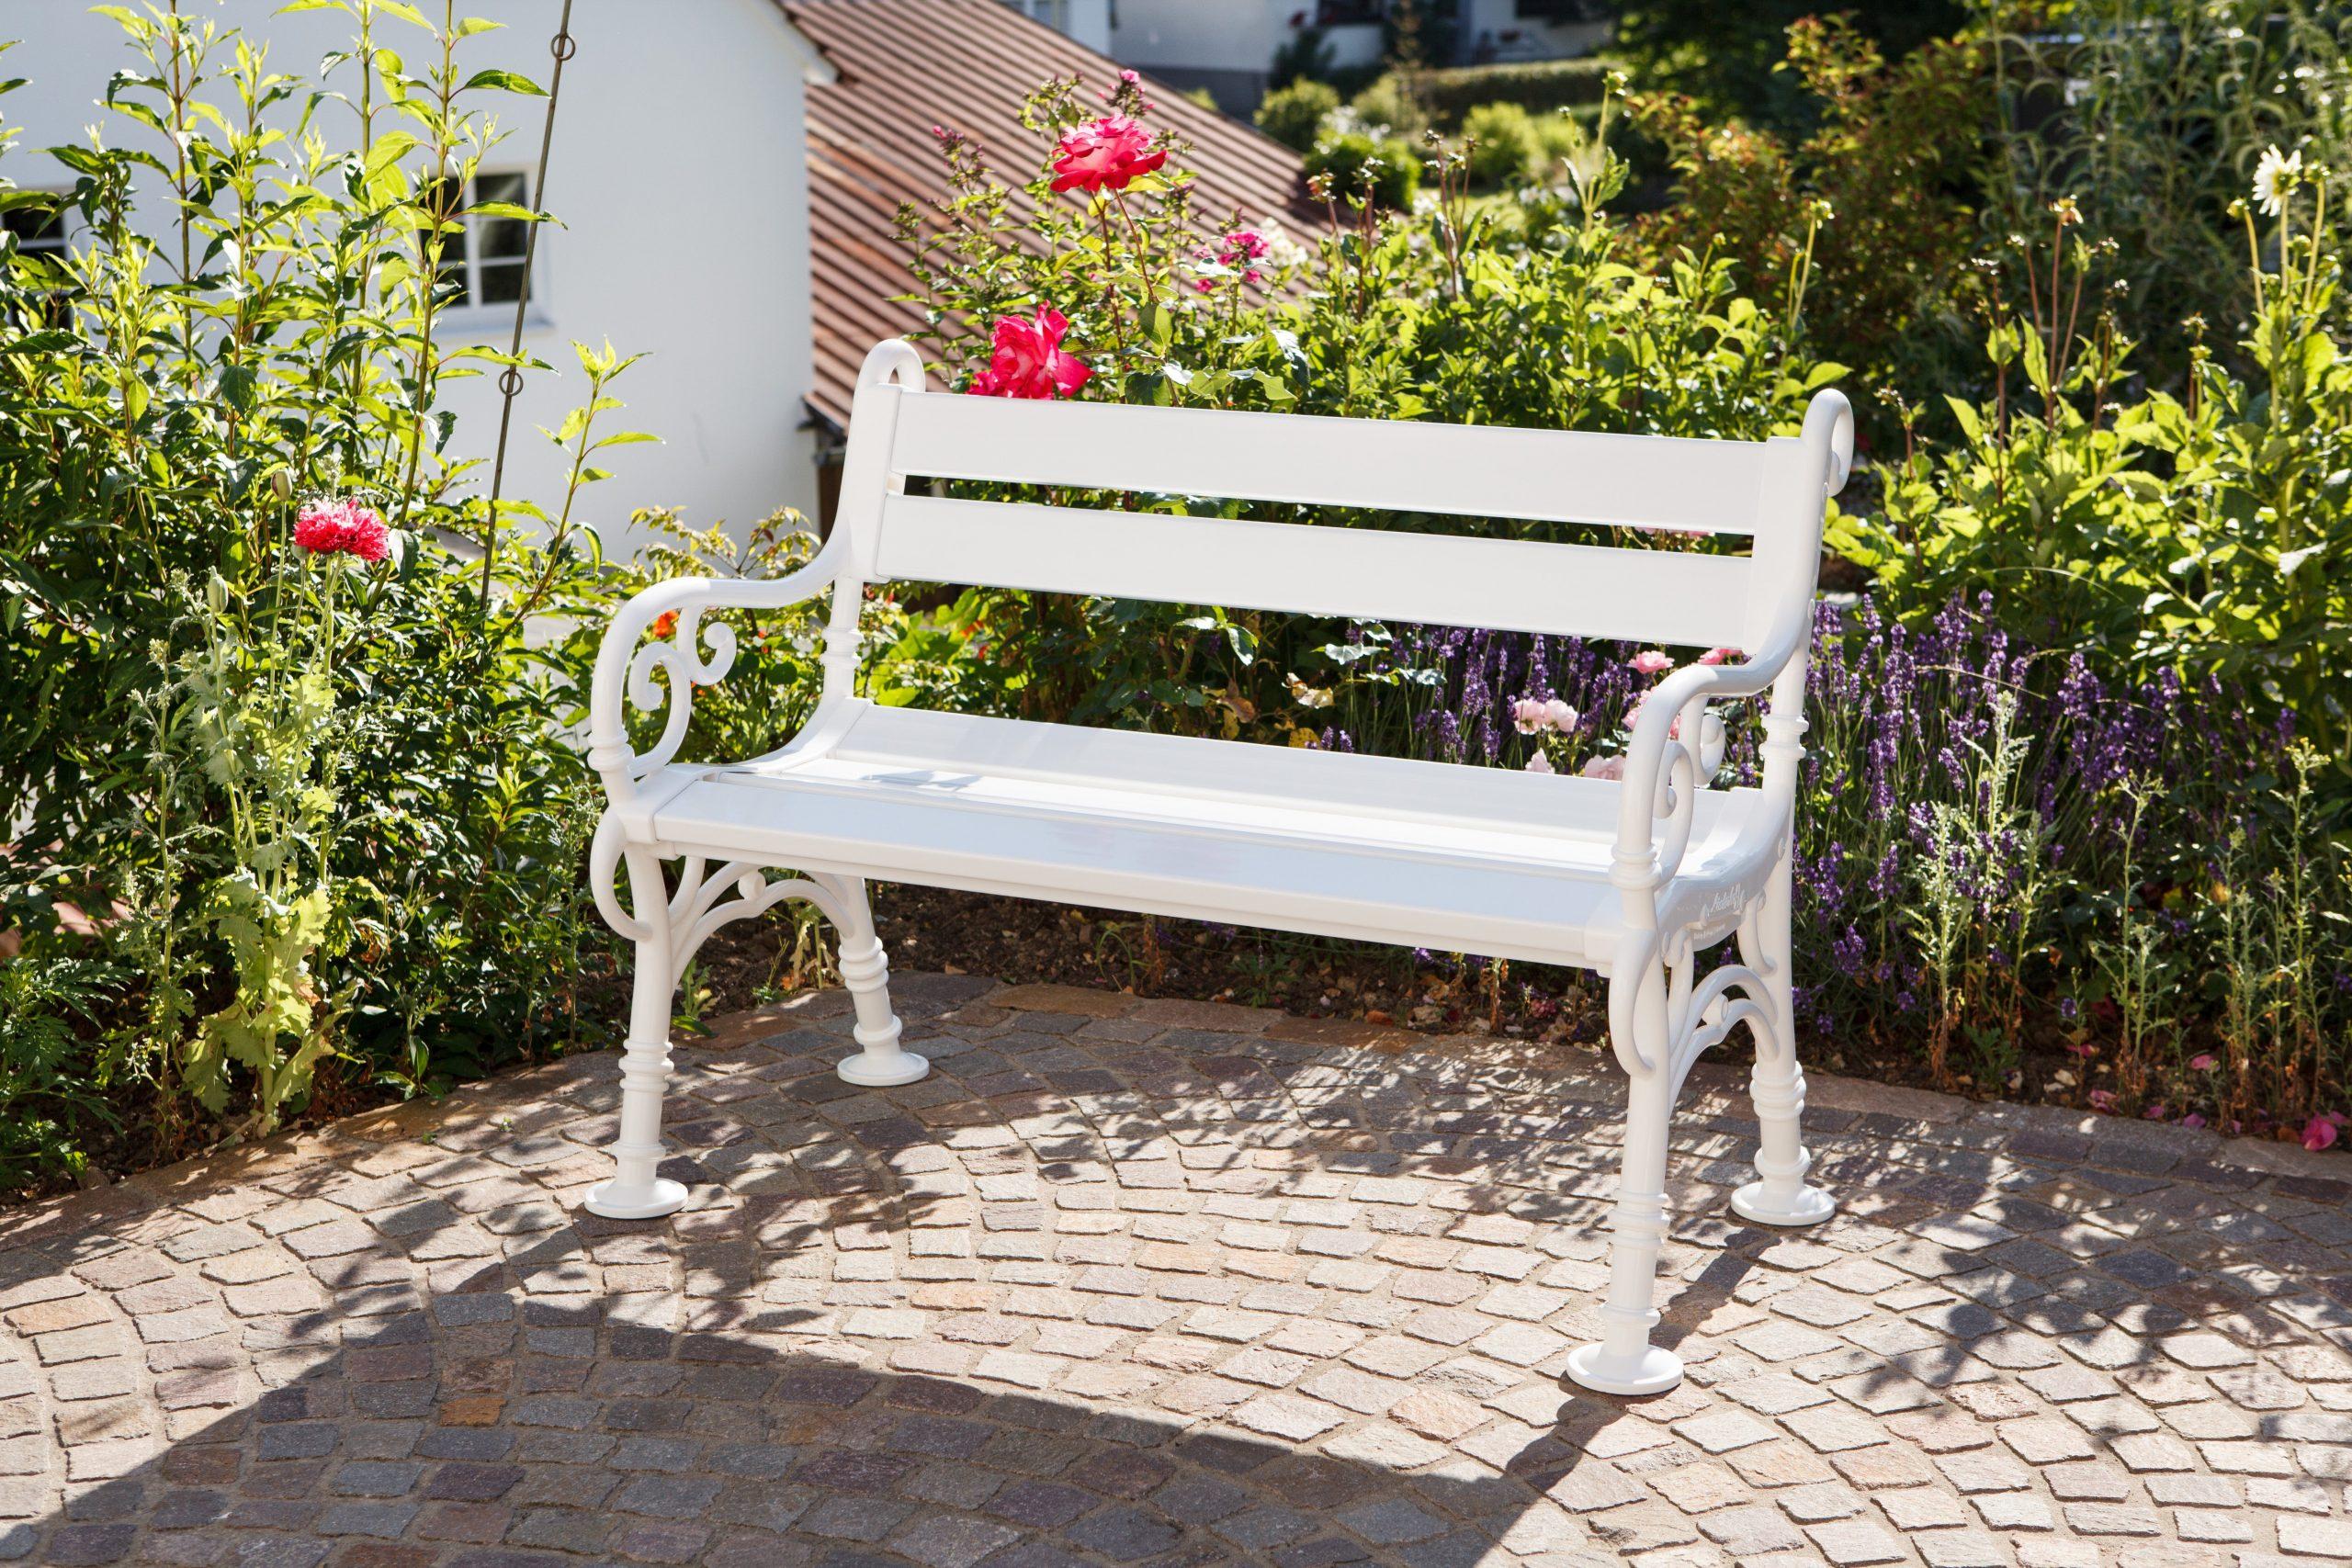 Banc De Jardin En Résine Blome Linderhof, 2 Personnes, Blanc destiné Banc De Jardin Leroy Merlin